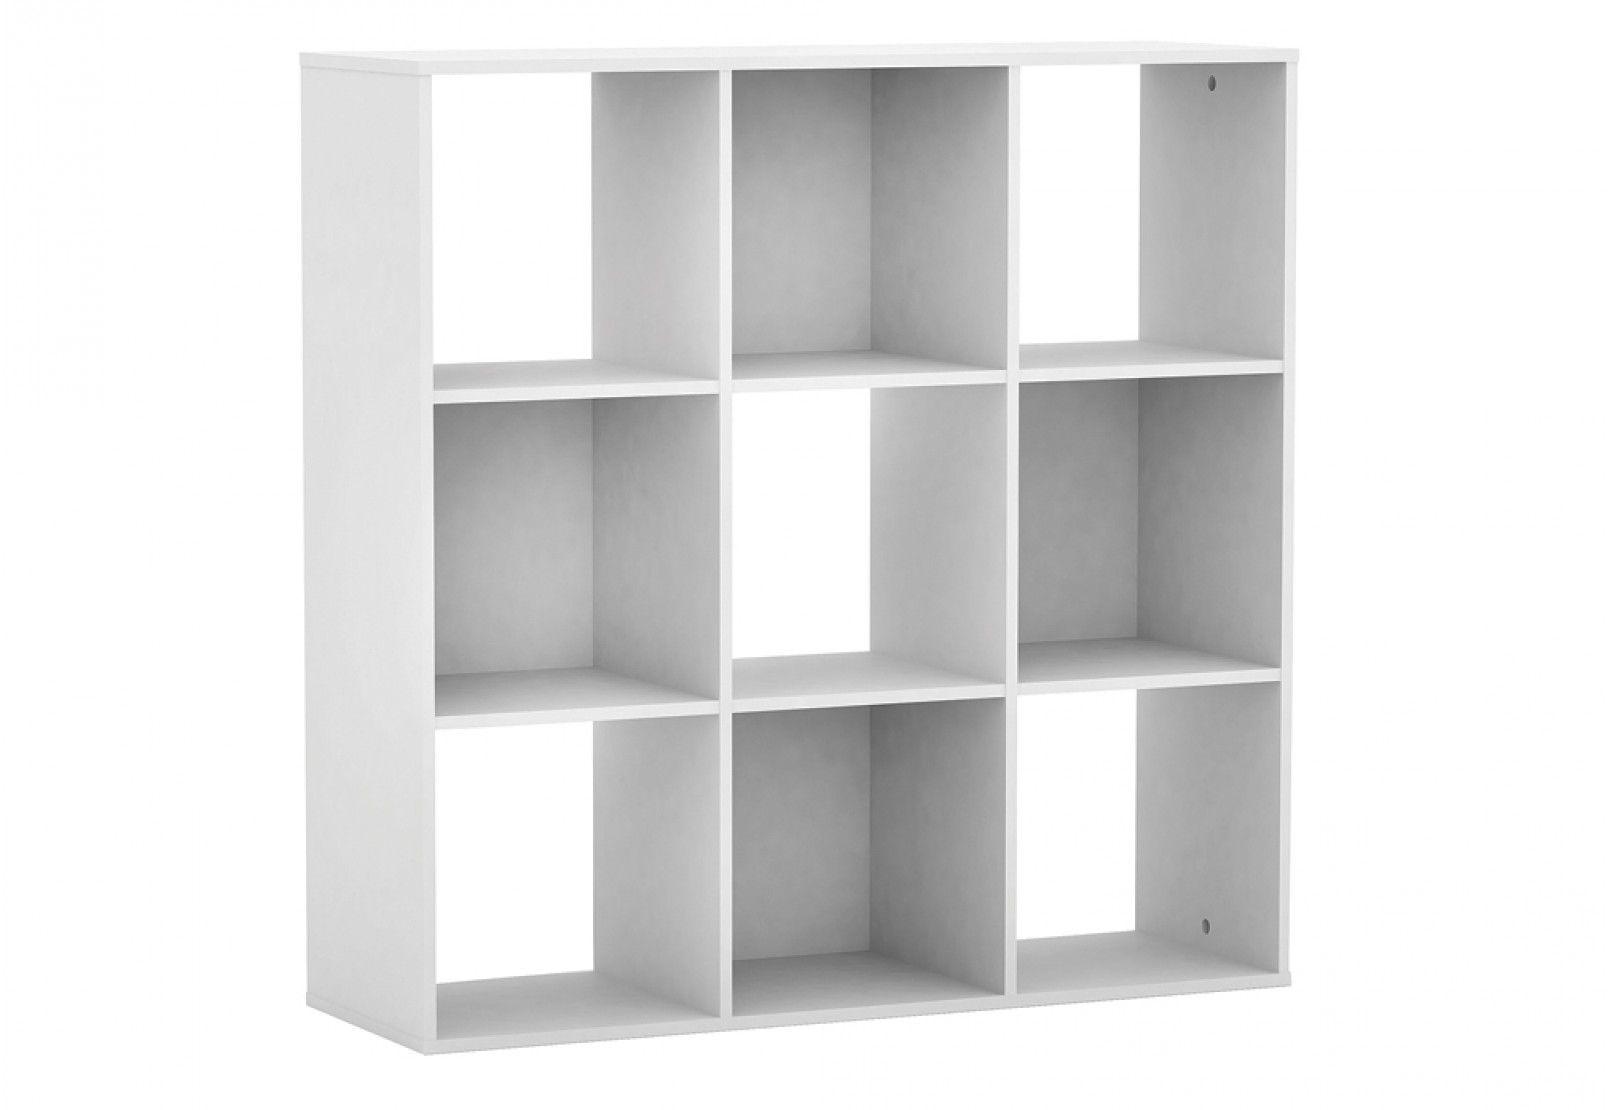 Kubix 9 Cube Storage Unit Amart Furniture Cube Storage Unit Cube Storage Storage